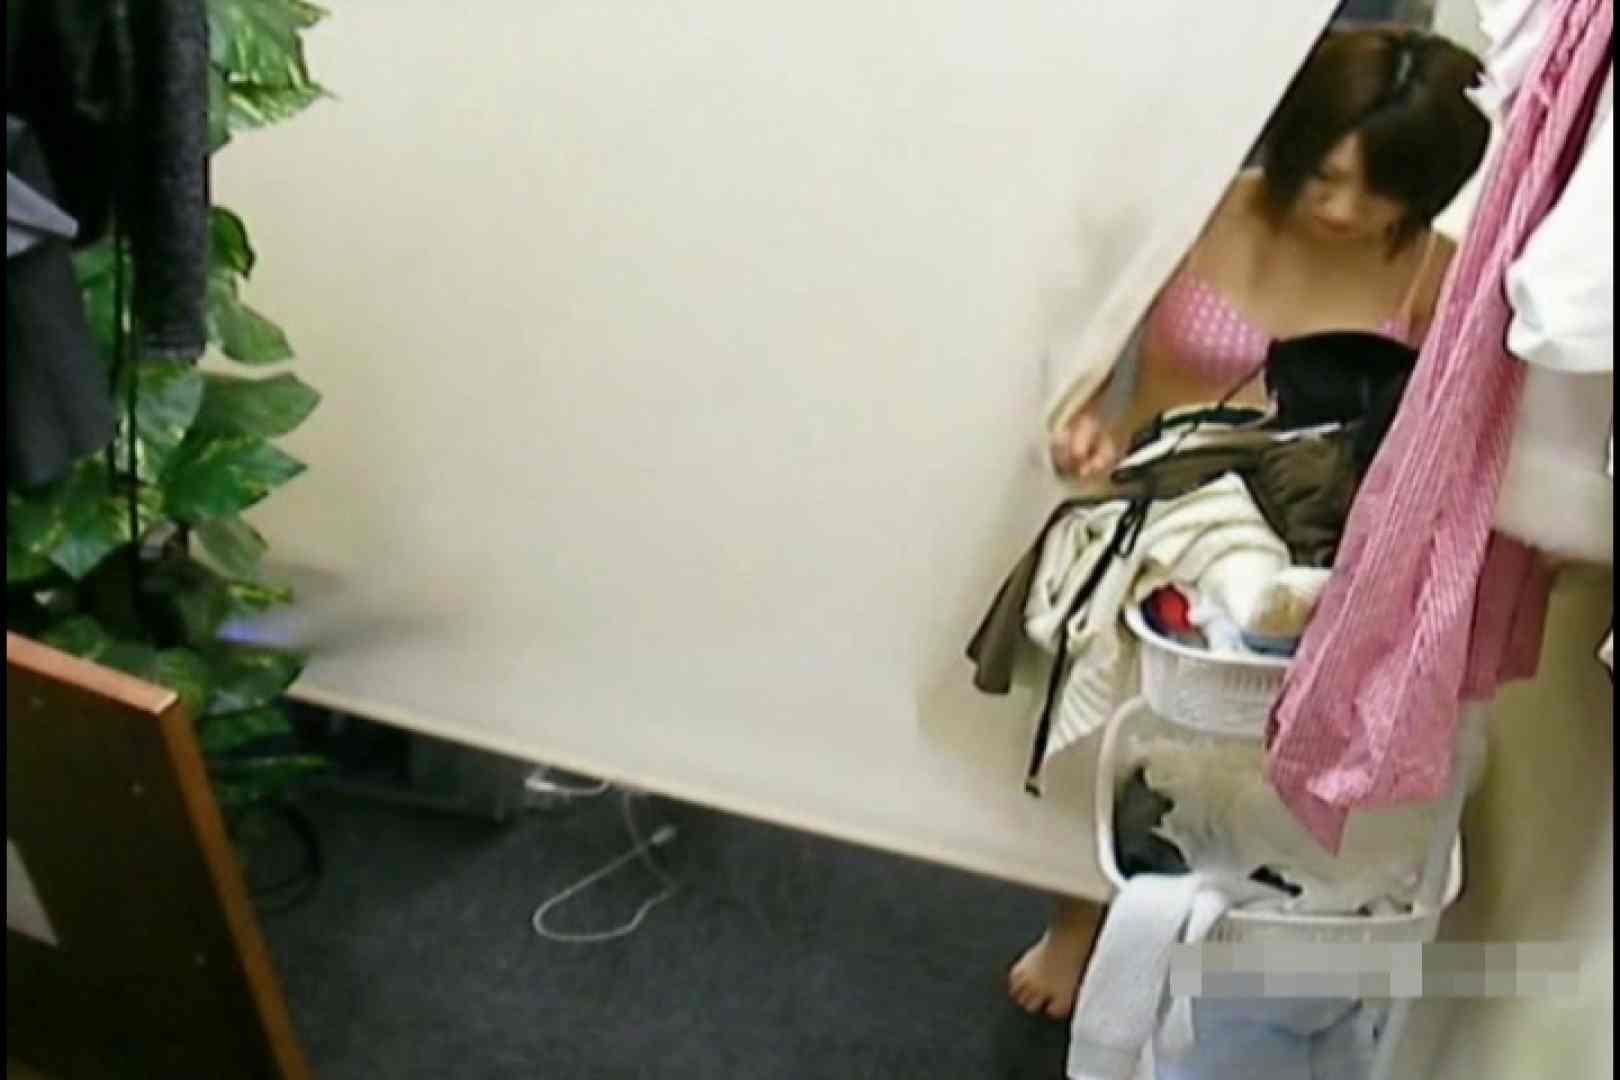 素人撮影 下着だけの撮影のはずが・・・れみ18歳 乳首 AV無料動画キャプチャ 79連発 67